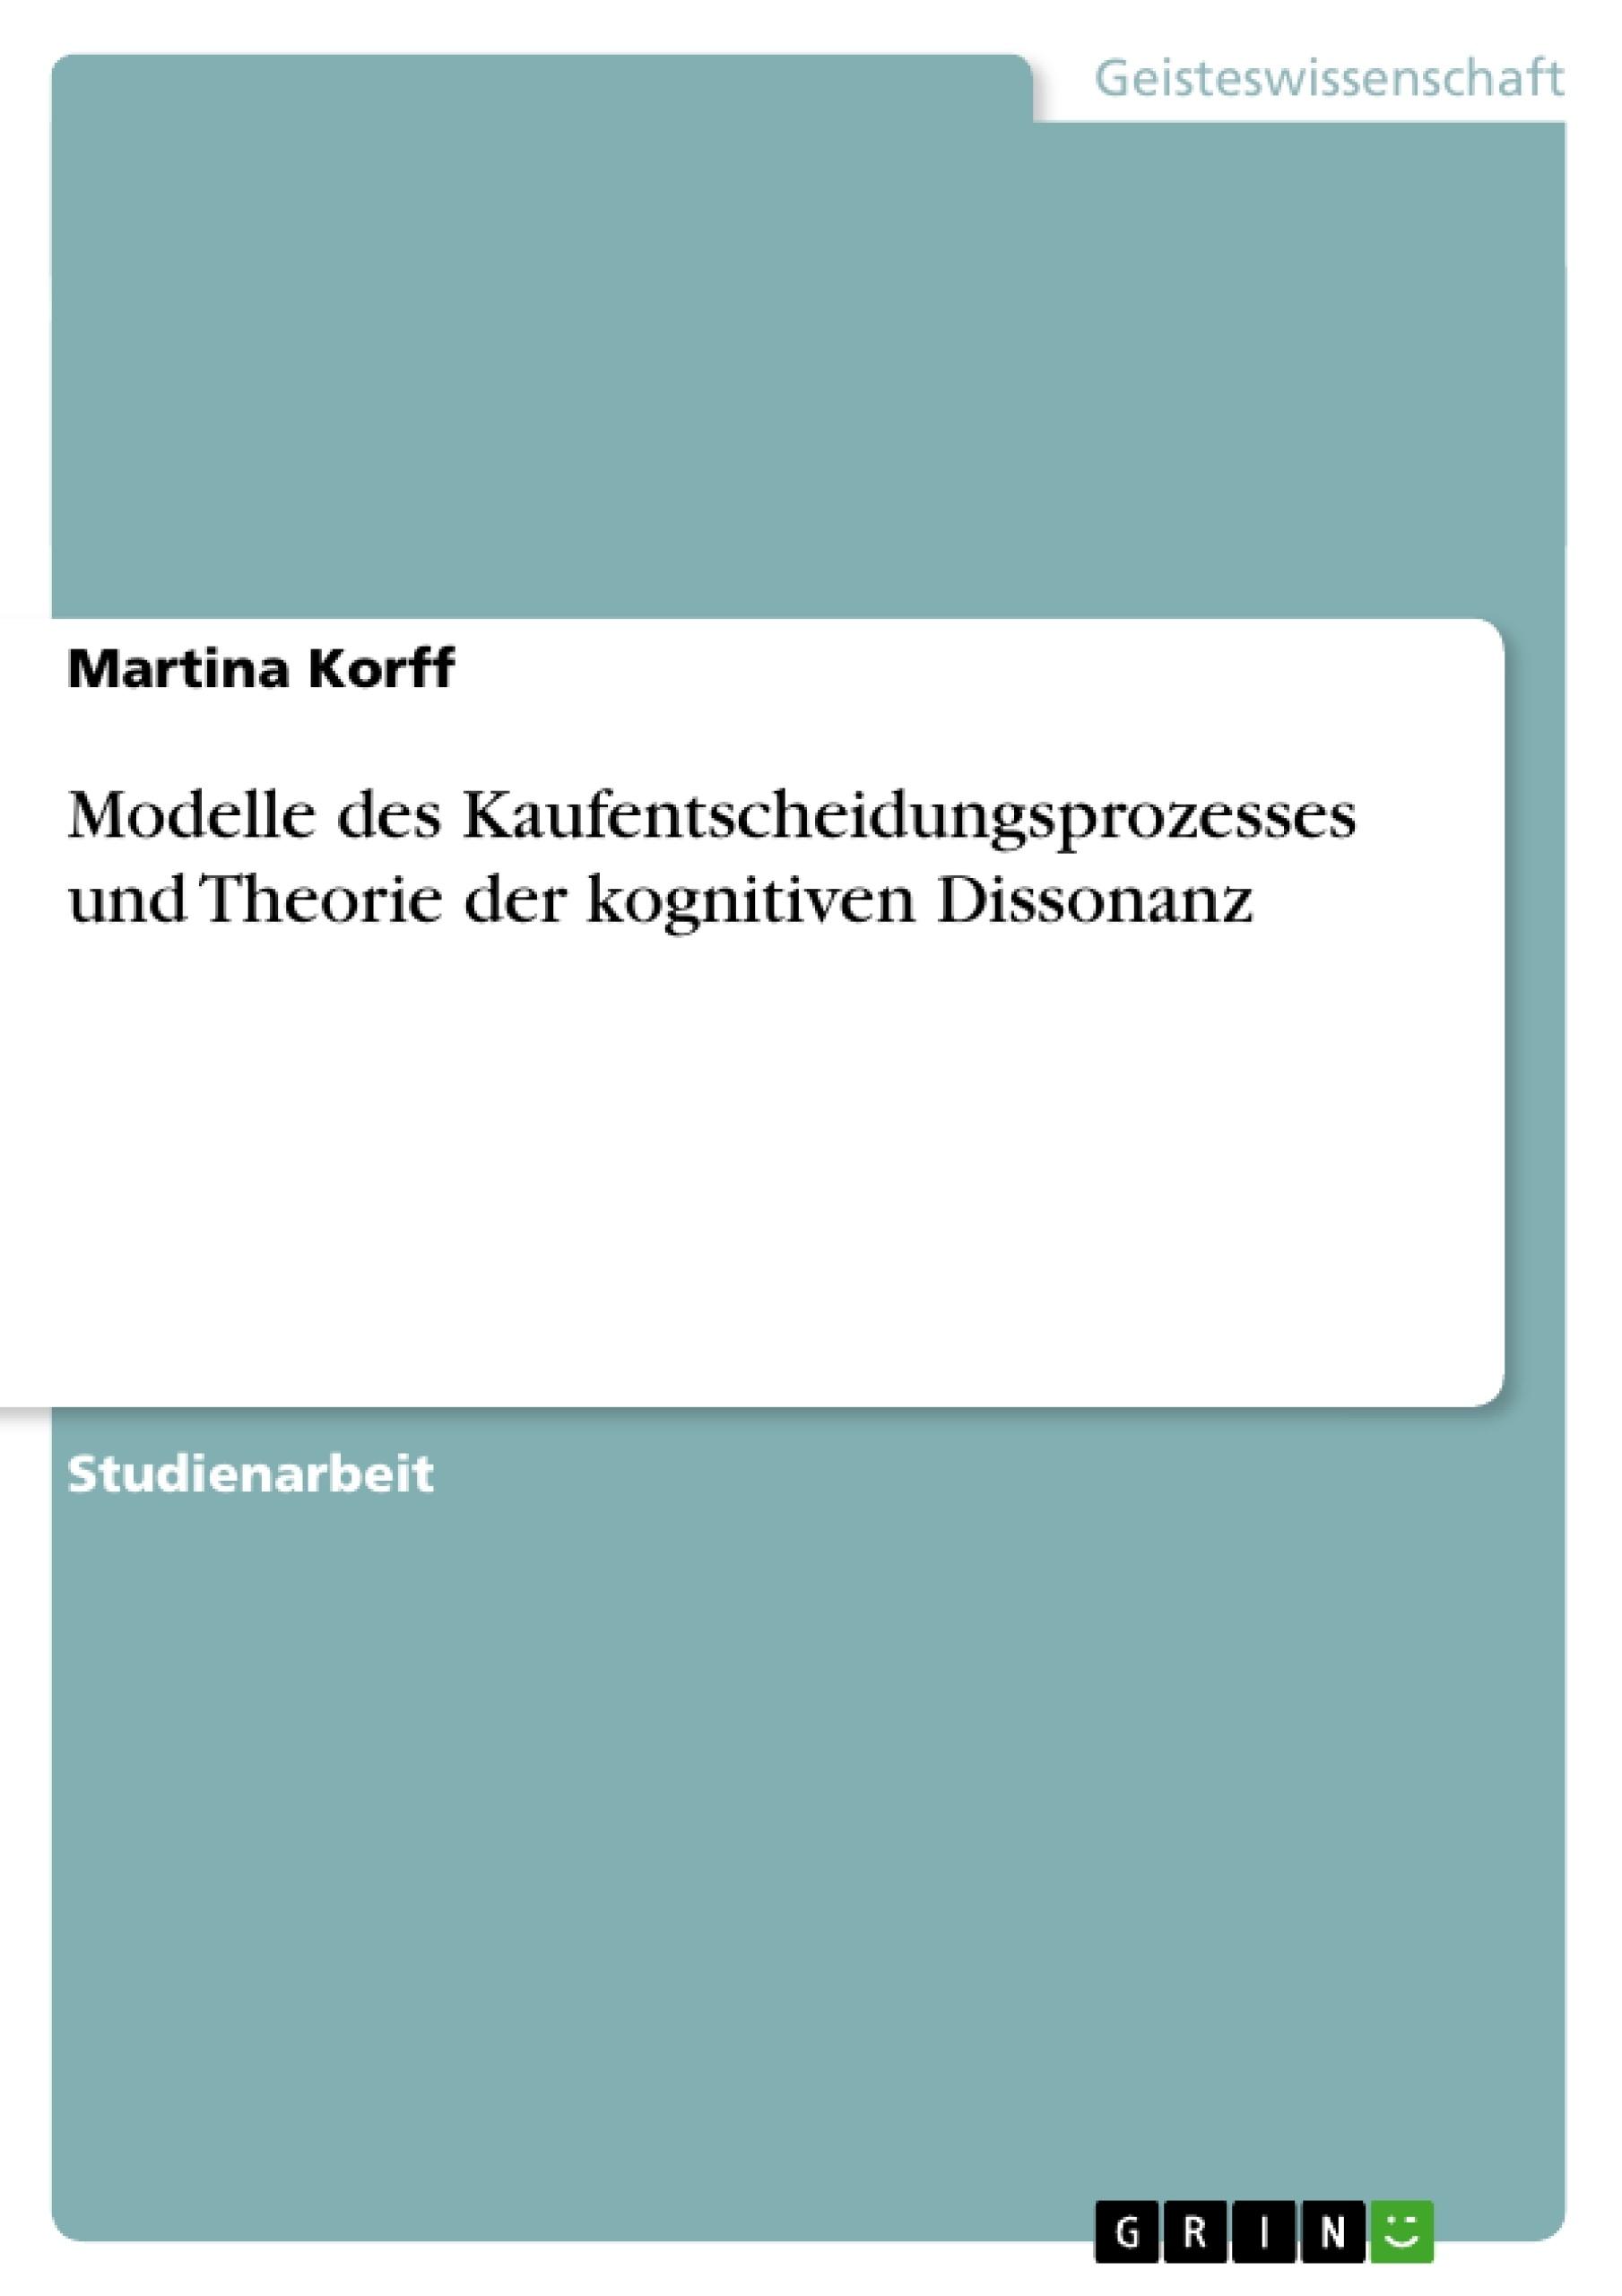 Titel: Modelle des Kaufentscheidungsprozesses und Theorie der kognitiven Dissonanz